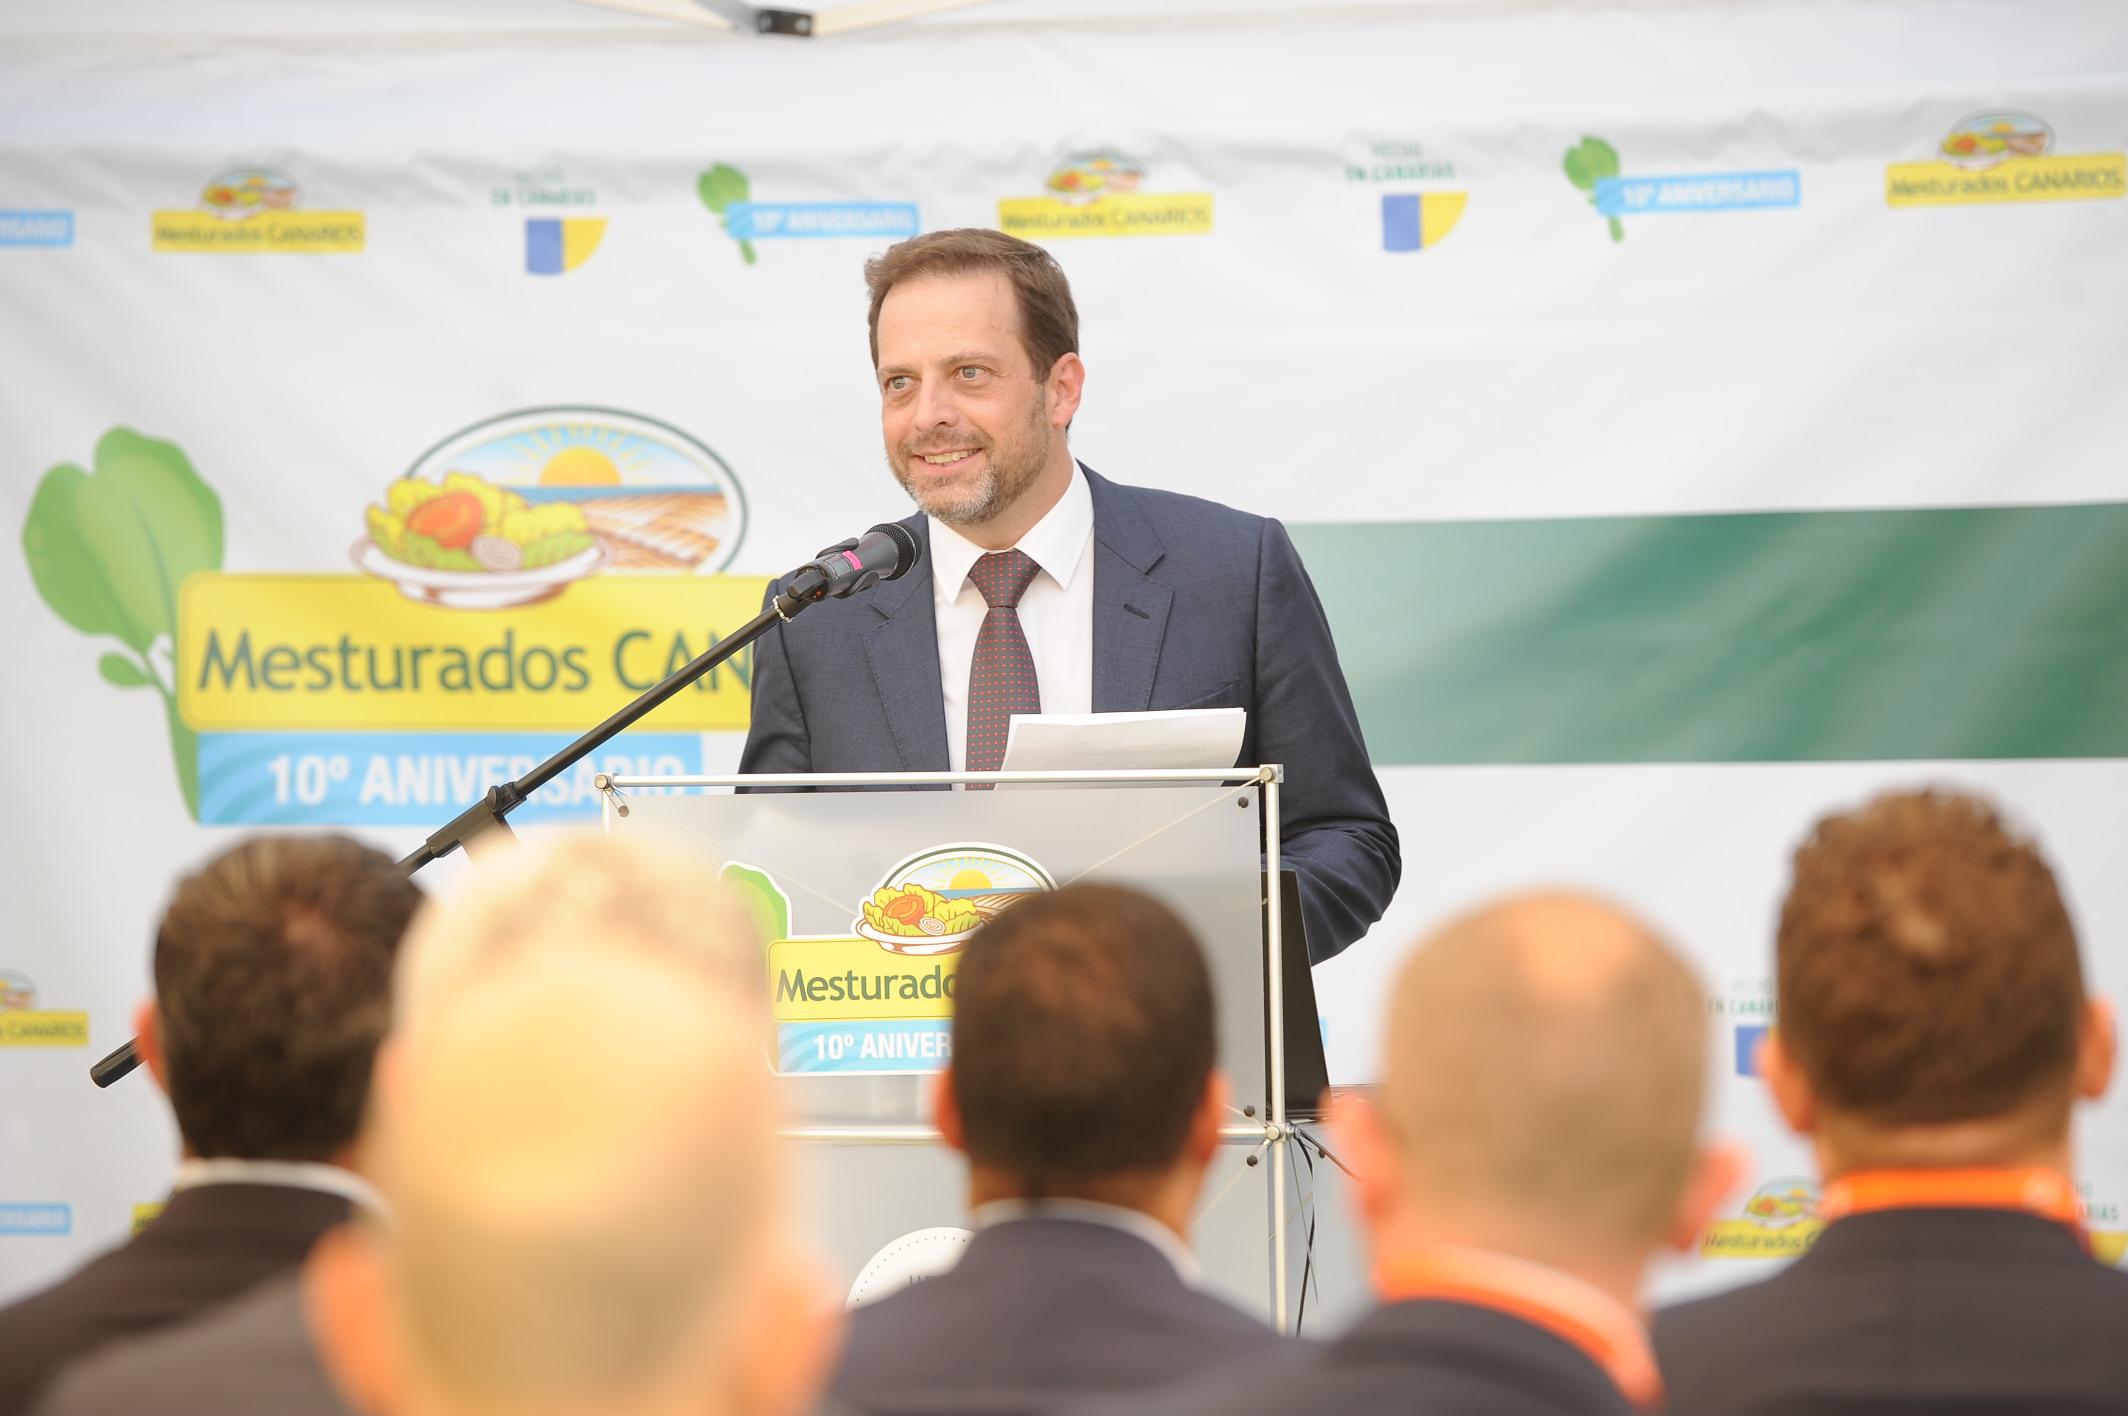 Carlos Diaz presidente de Mesturados canarios